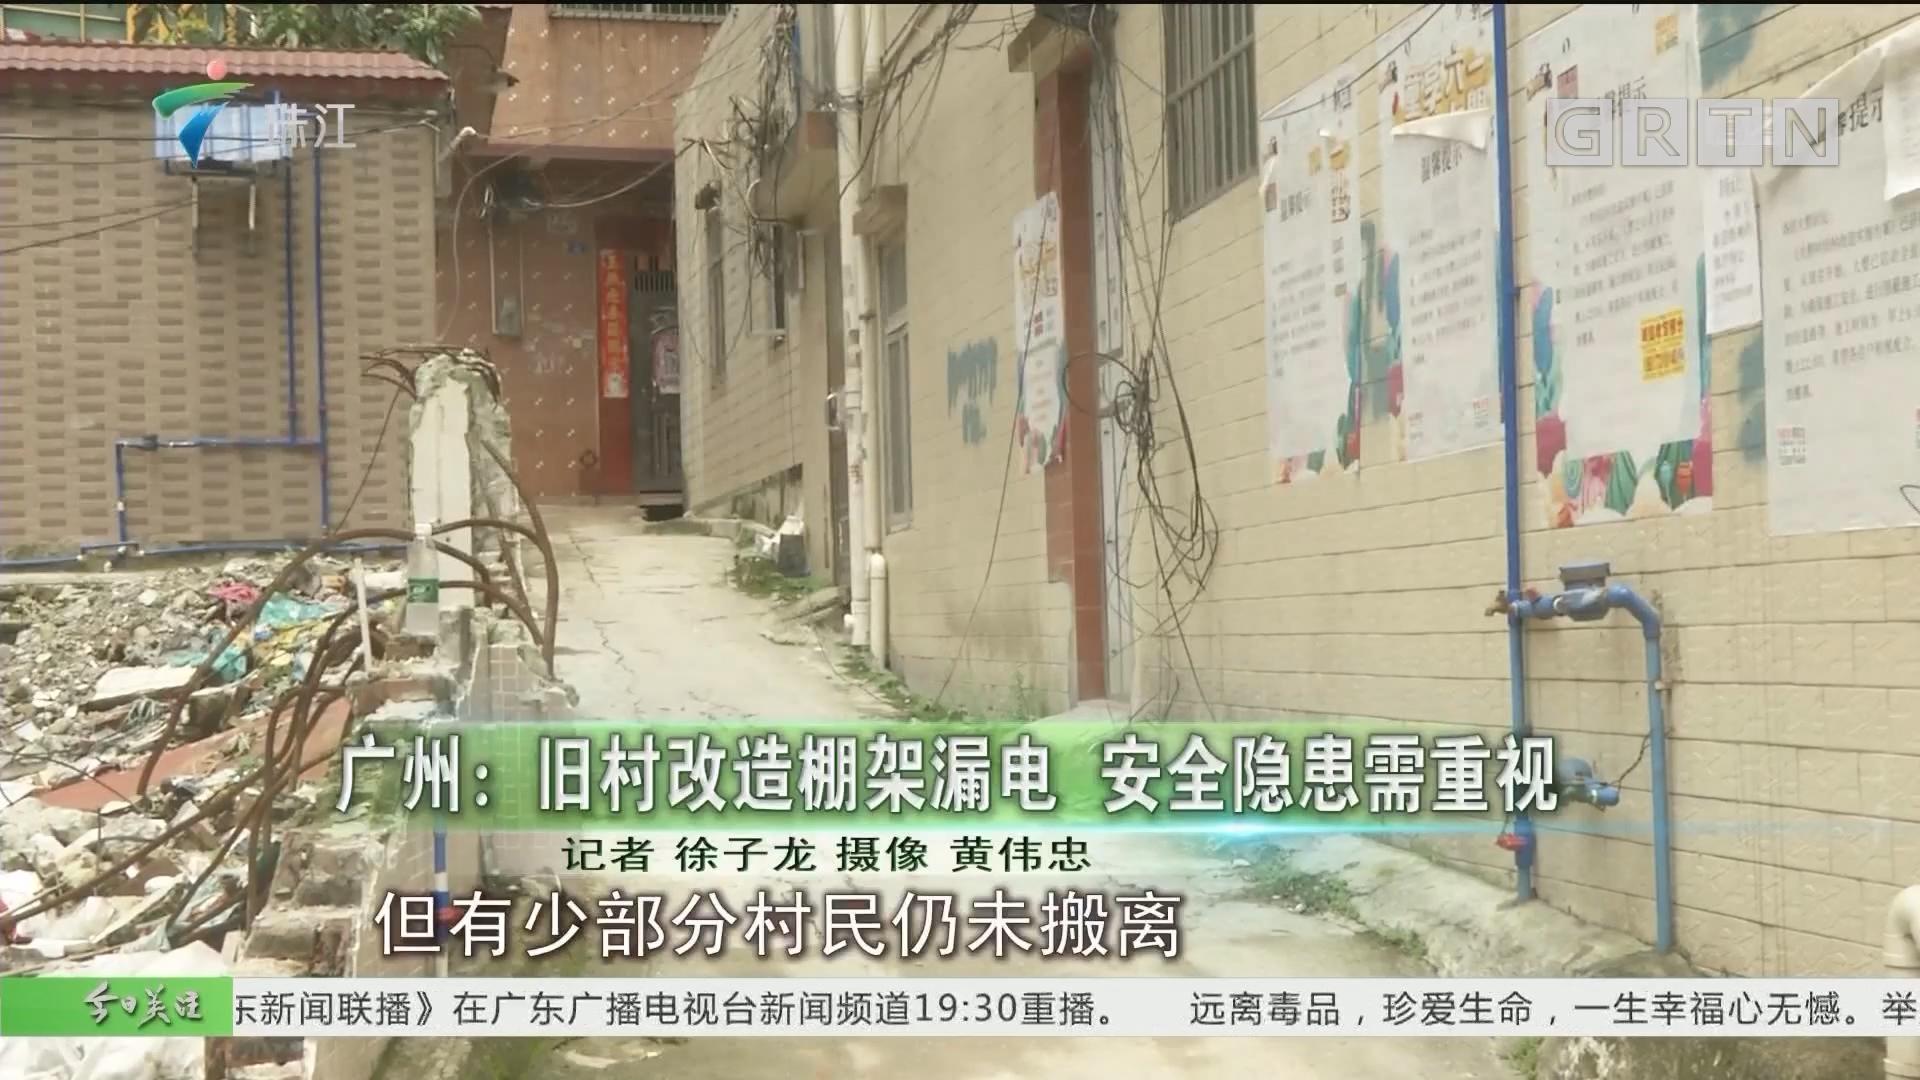 广州:旧村改造棚架漏电 安全隐患需重视